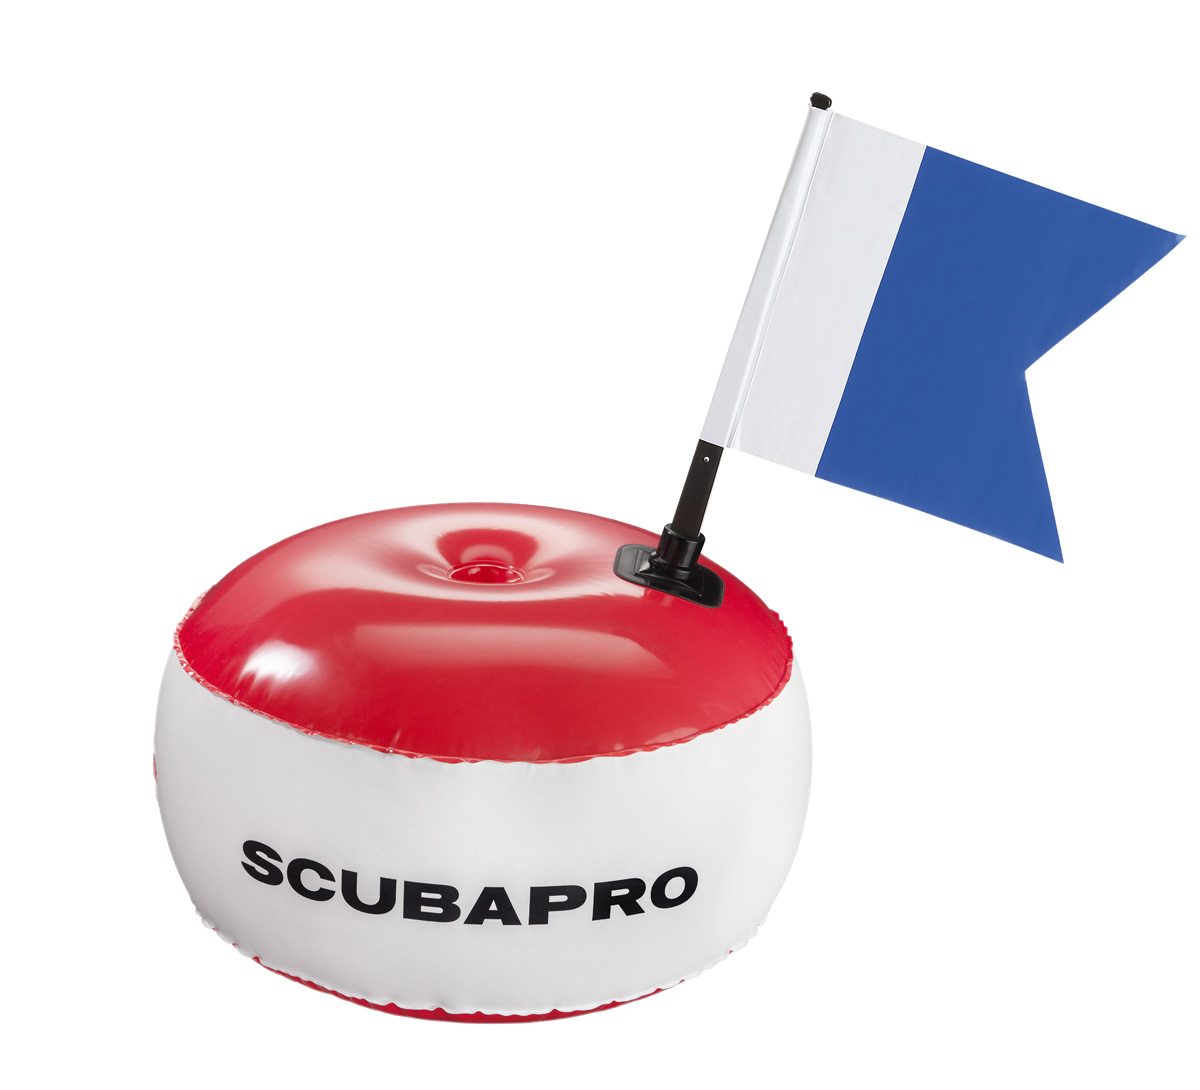 Scubapro Signalboje mit Alphaflagge